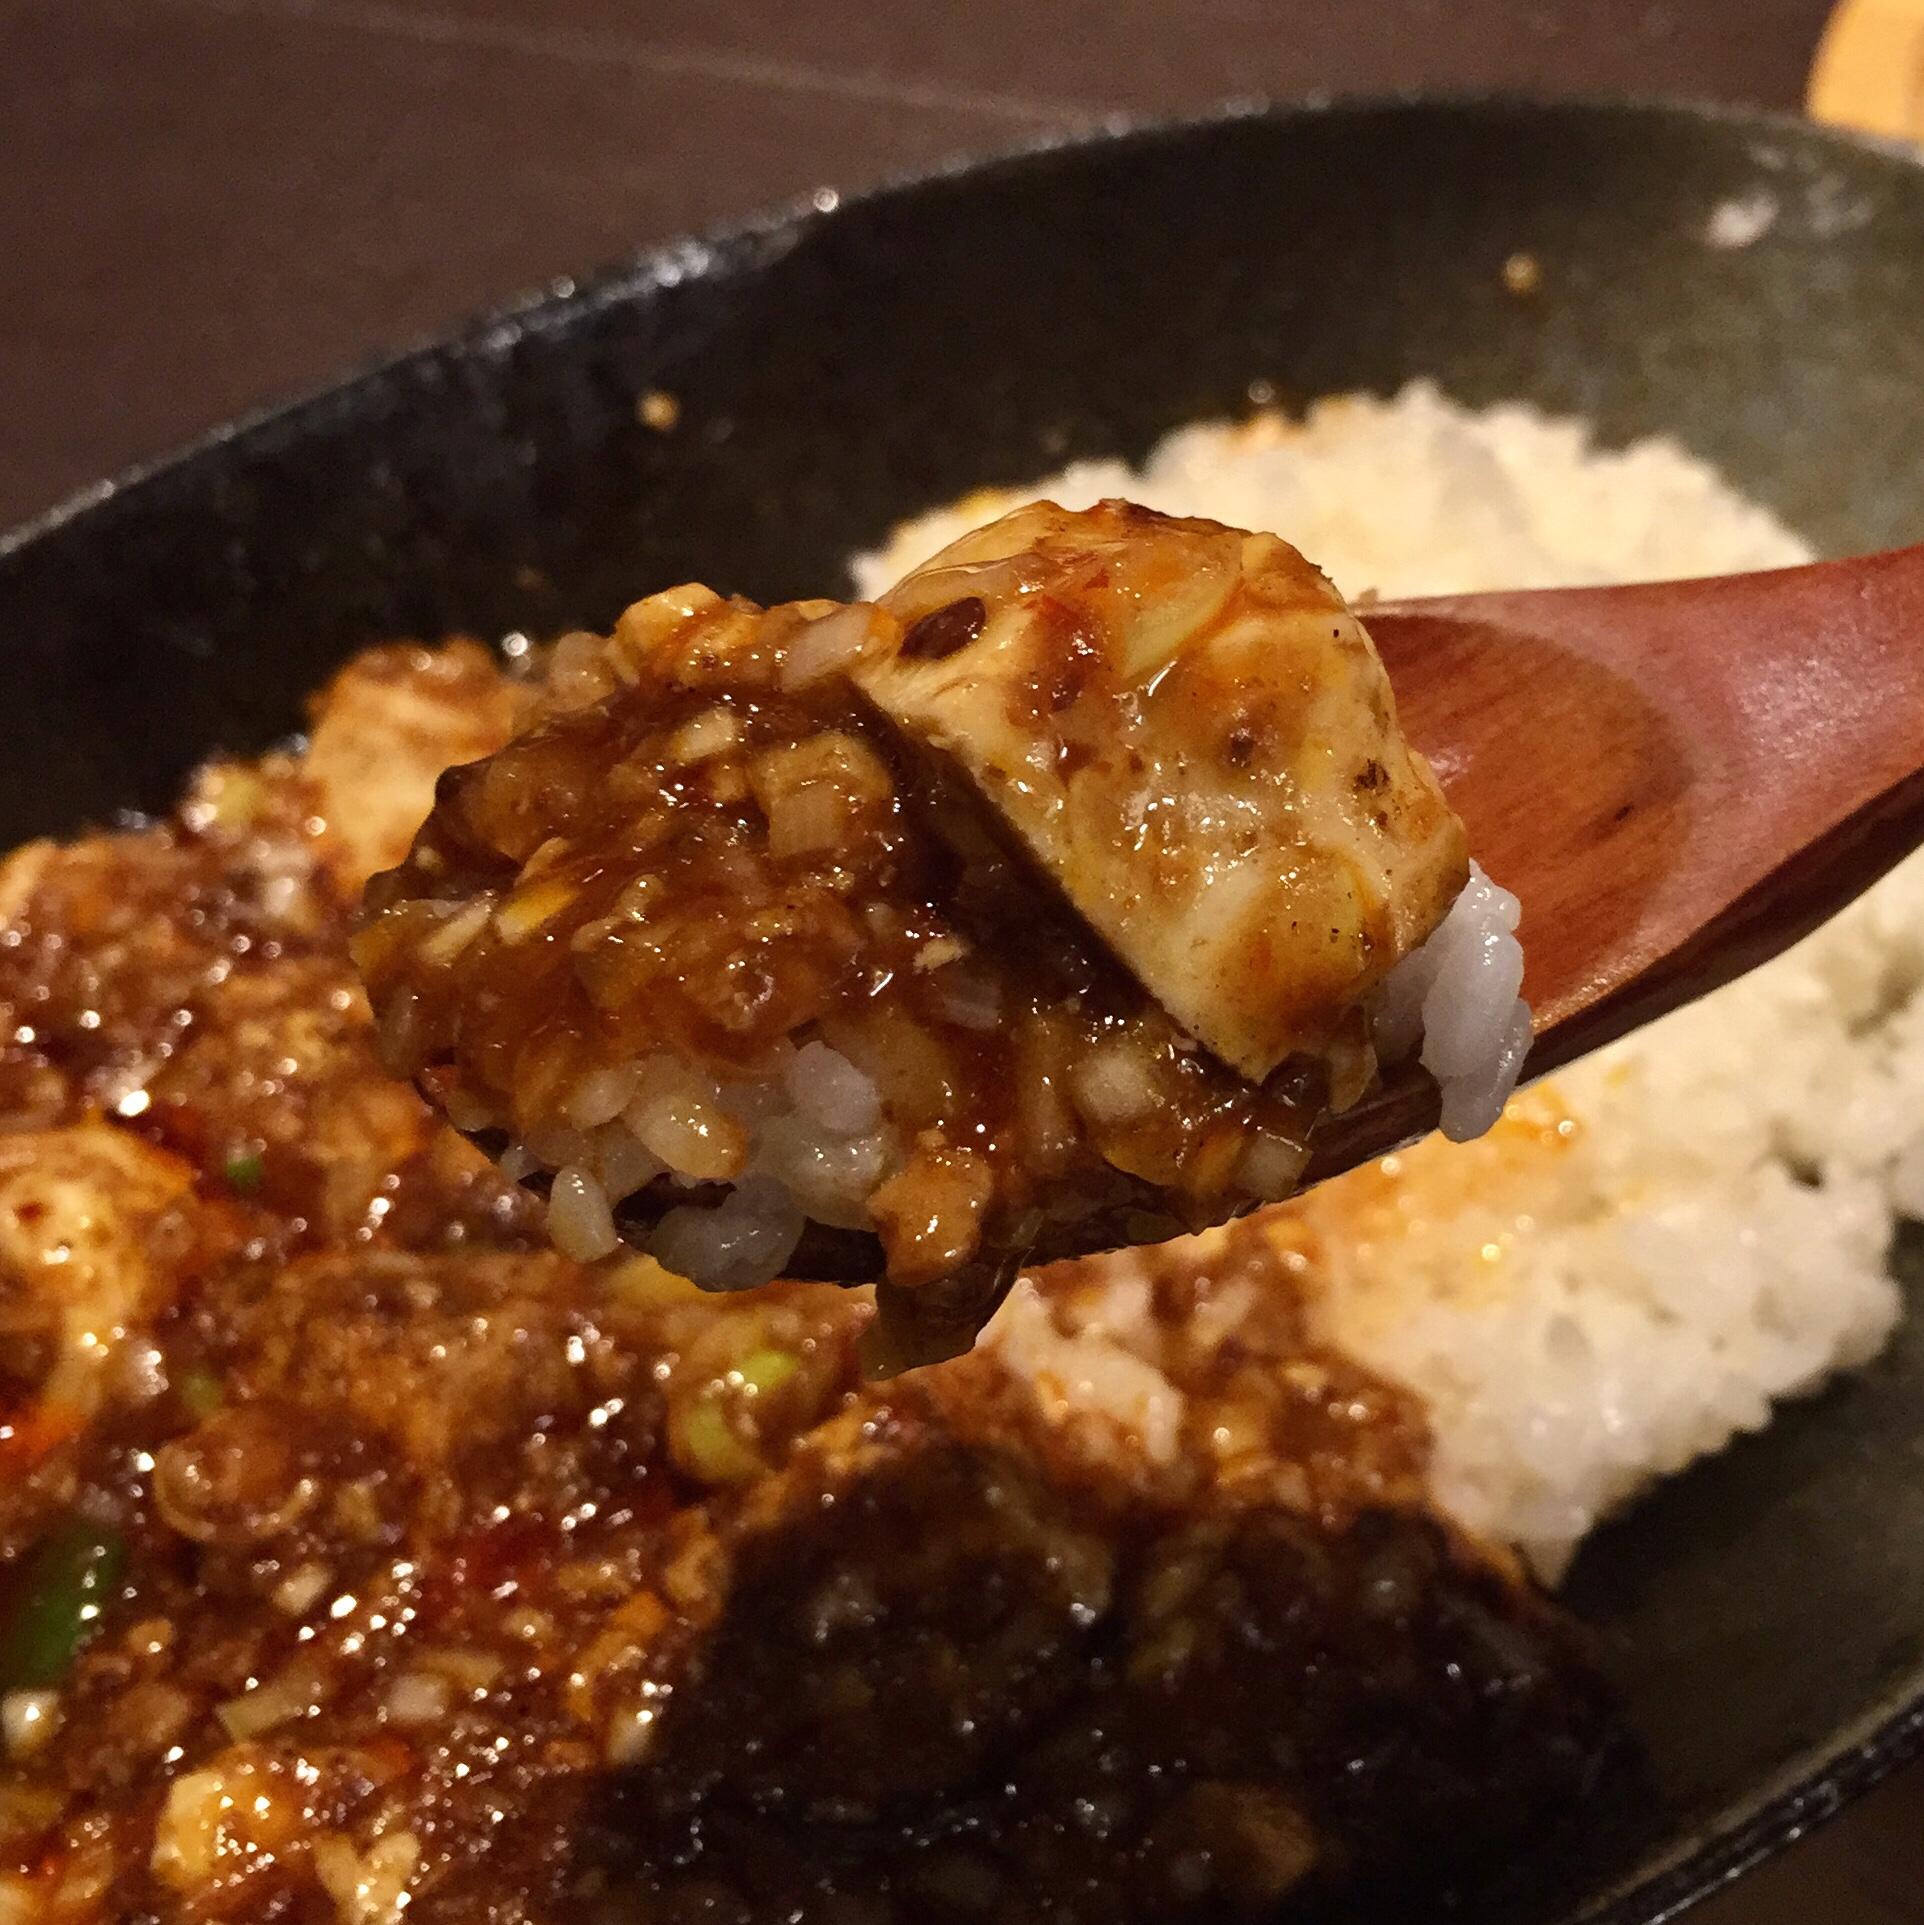 四川Dining&bar 臥龍 創香(がりゅう そうしゃん) 陳麻婆丼